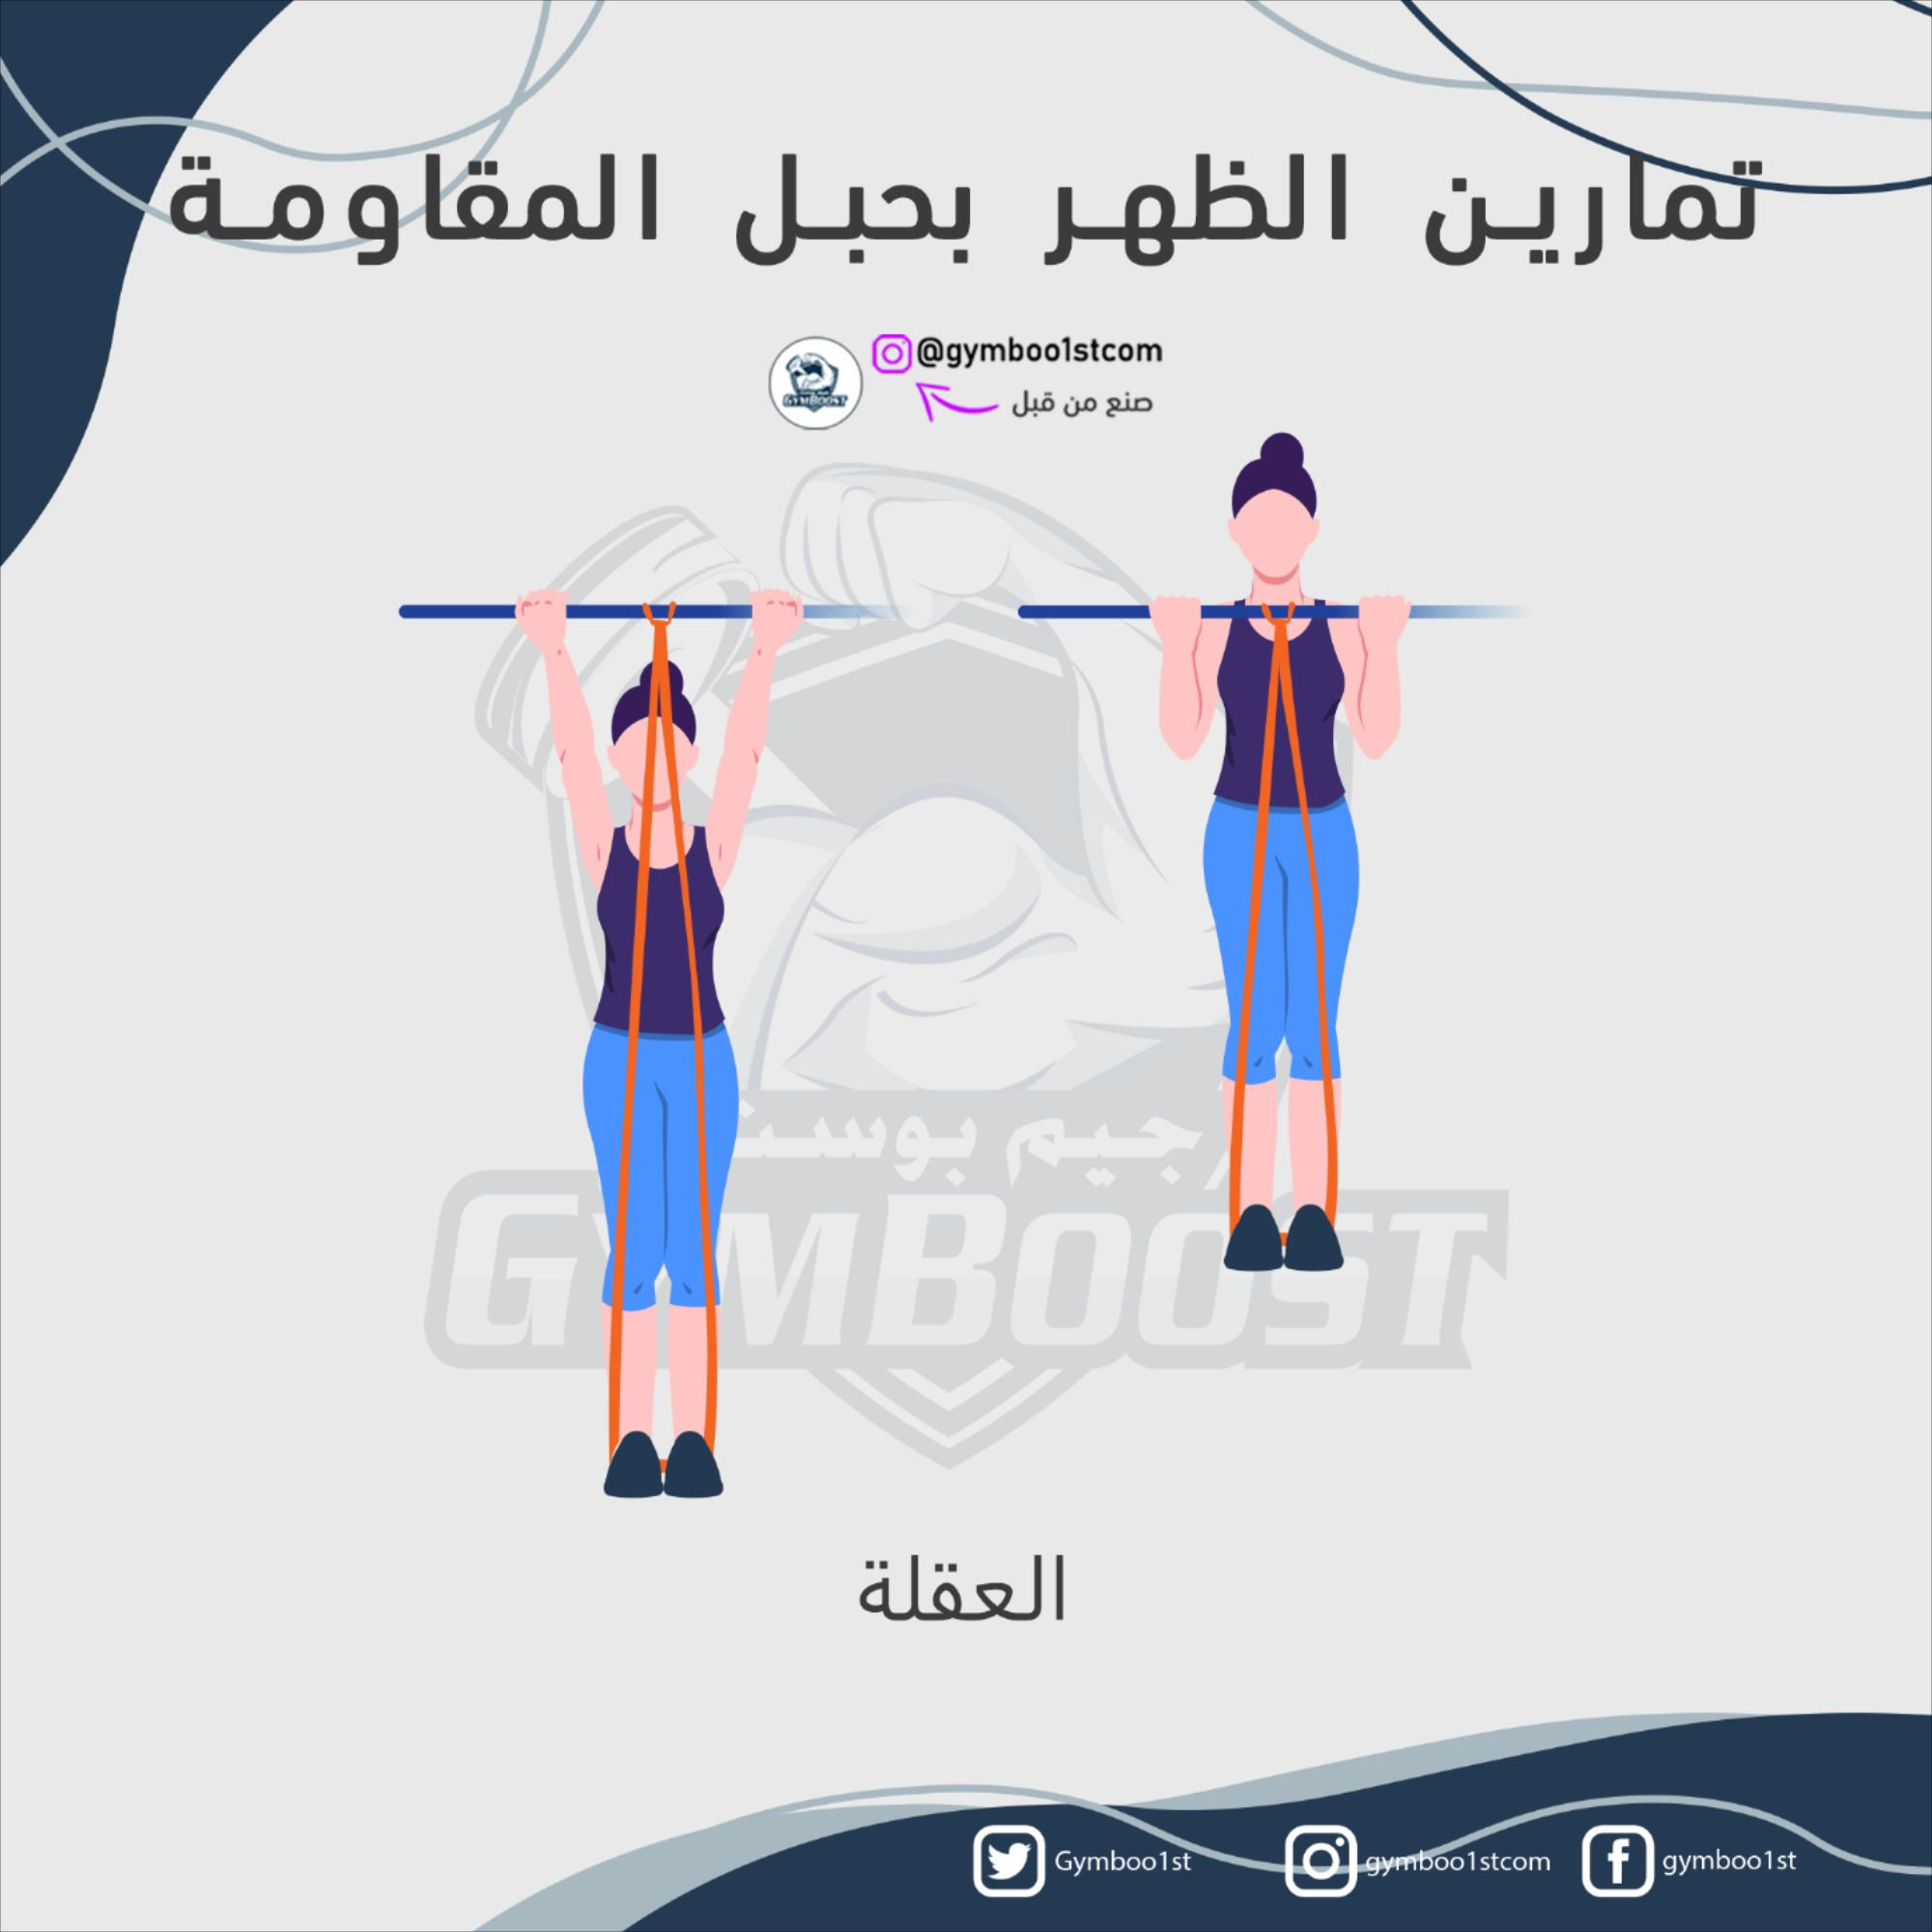 تمارين الظهر في المنزل بحبل المقاومة Workout Fitness Tips Gym